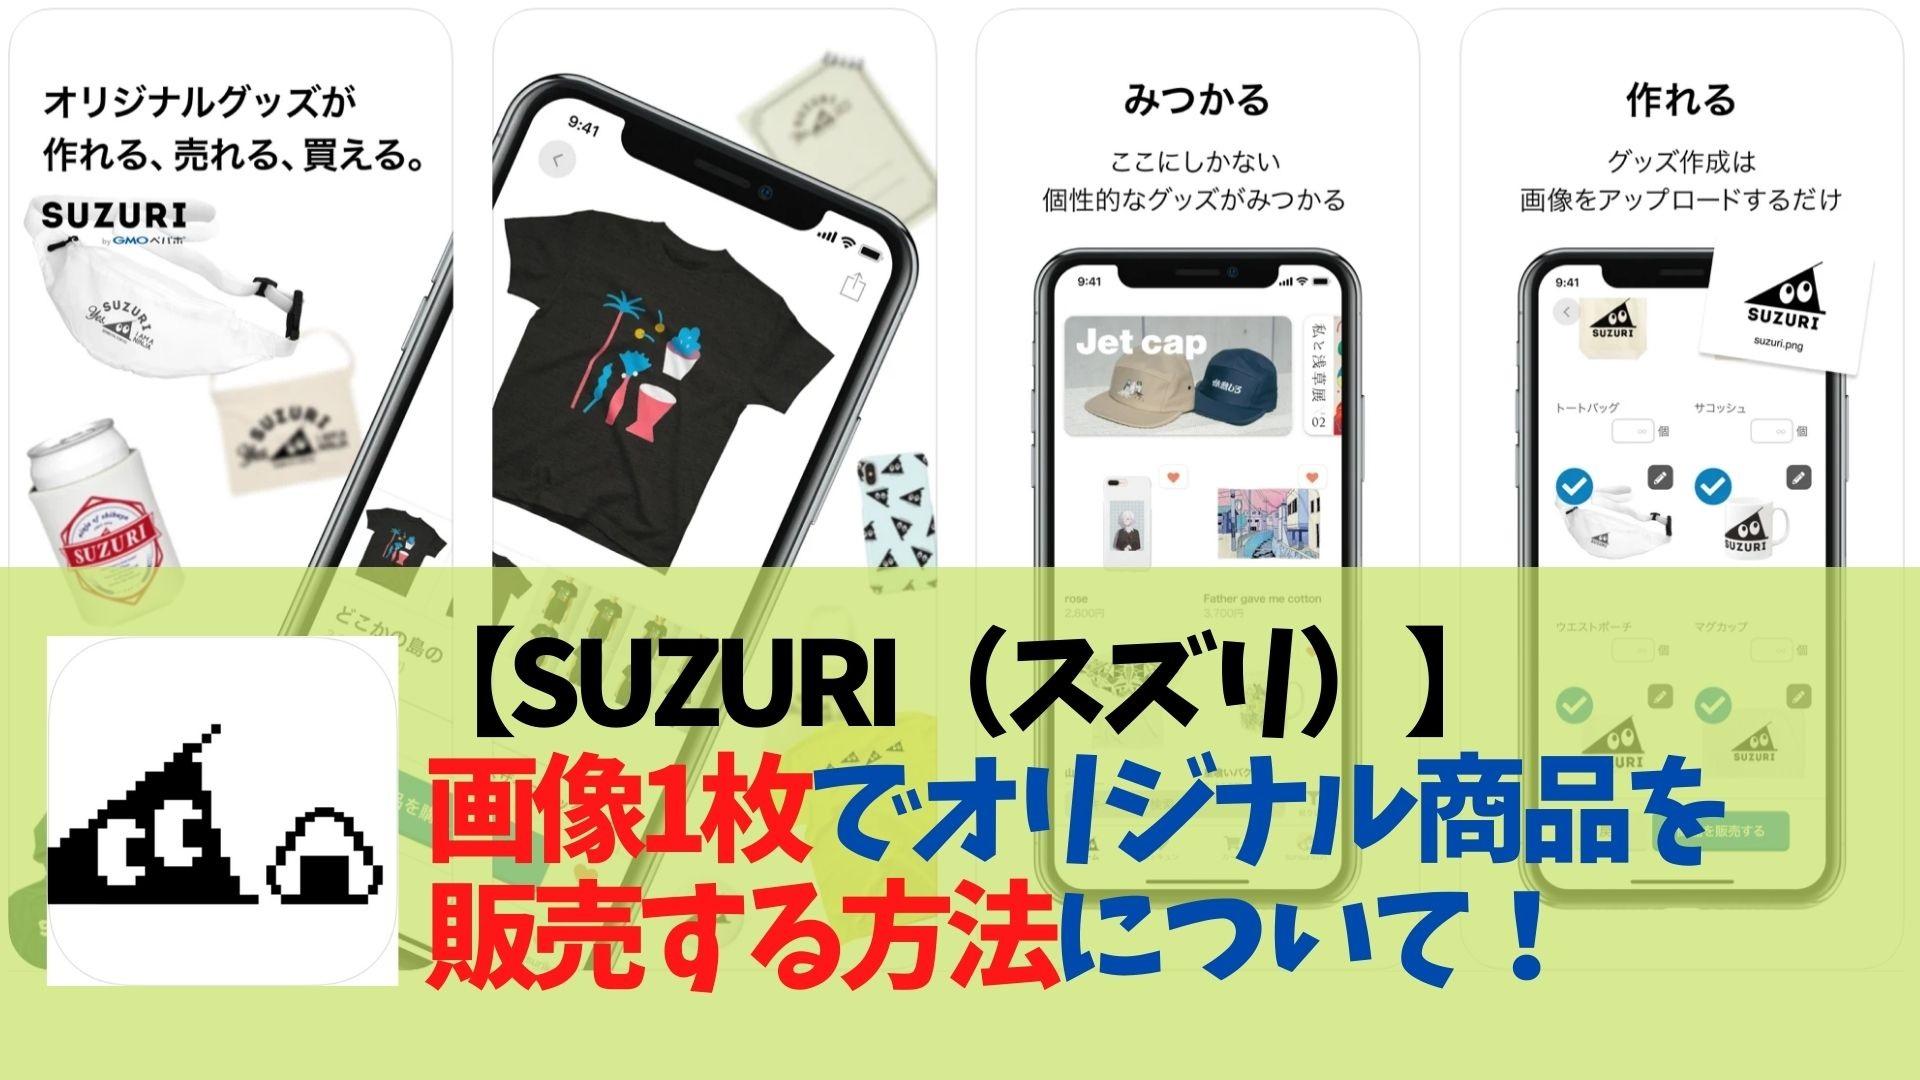 SUZURI画像 スズリ画像